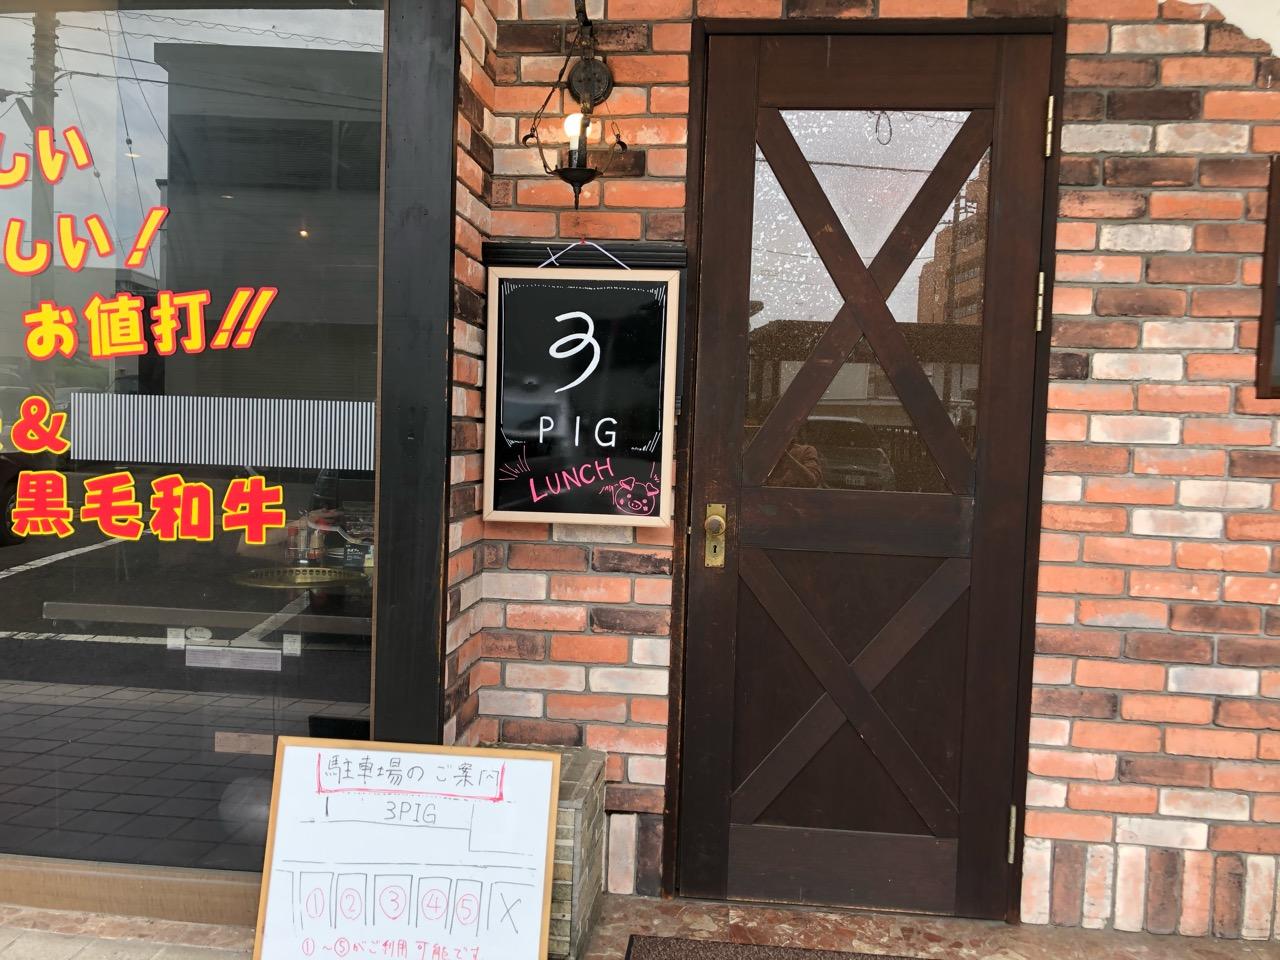 2020年5月7日にオープンした3ピッグ豊田店